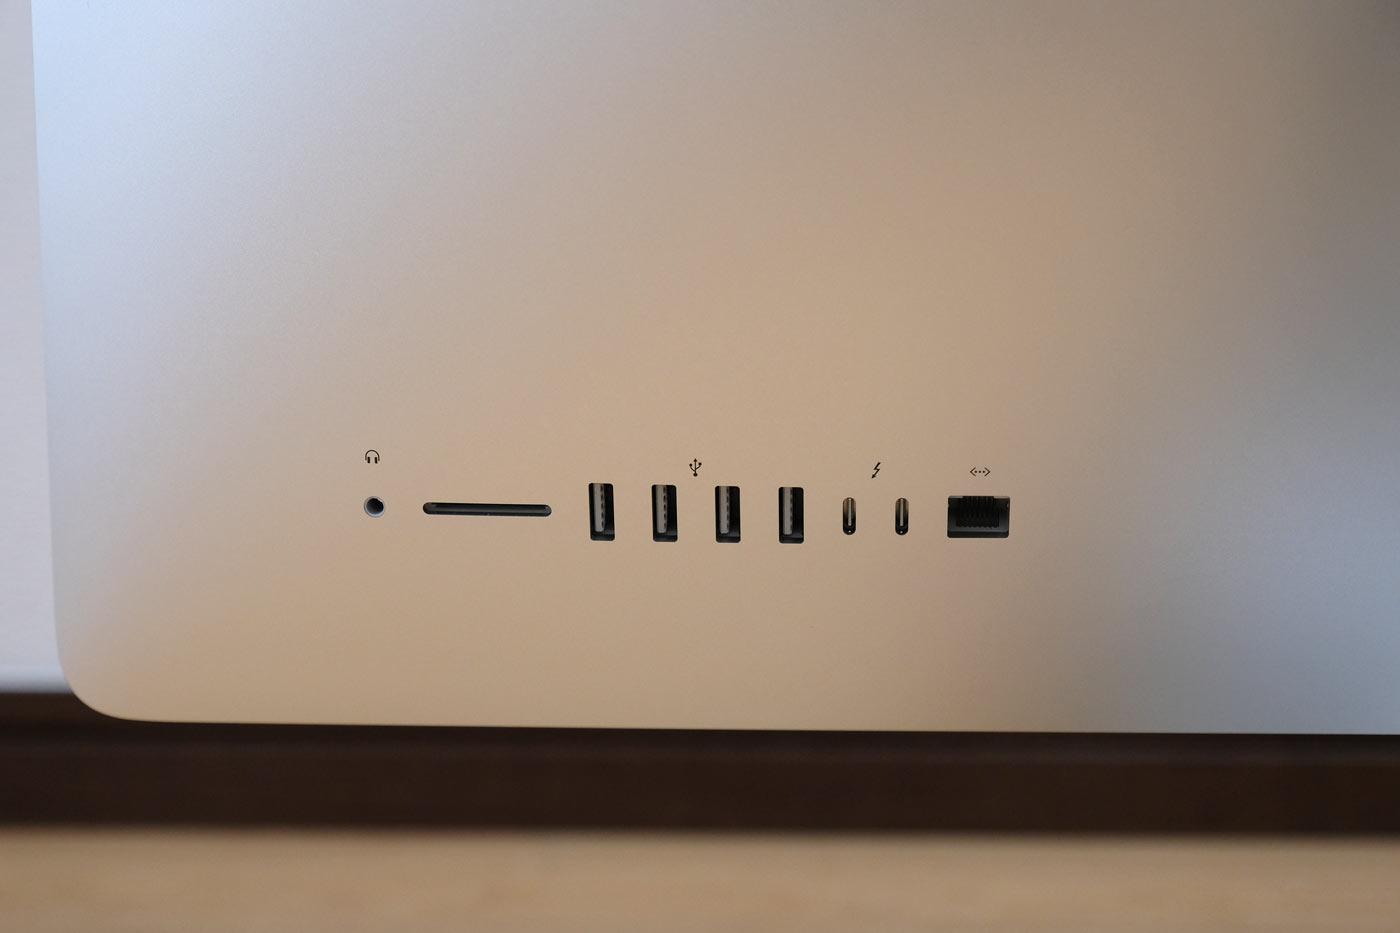 27インチiMac 5K 外観デザイン ポート